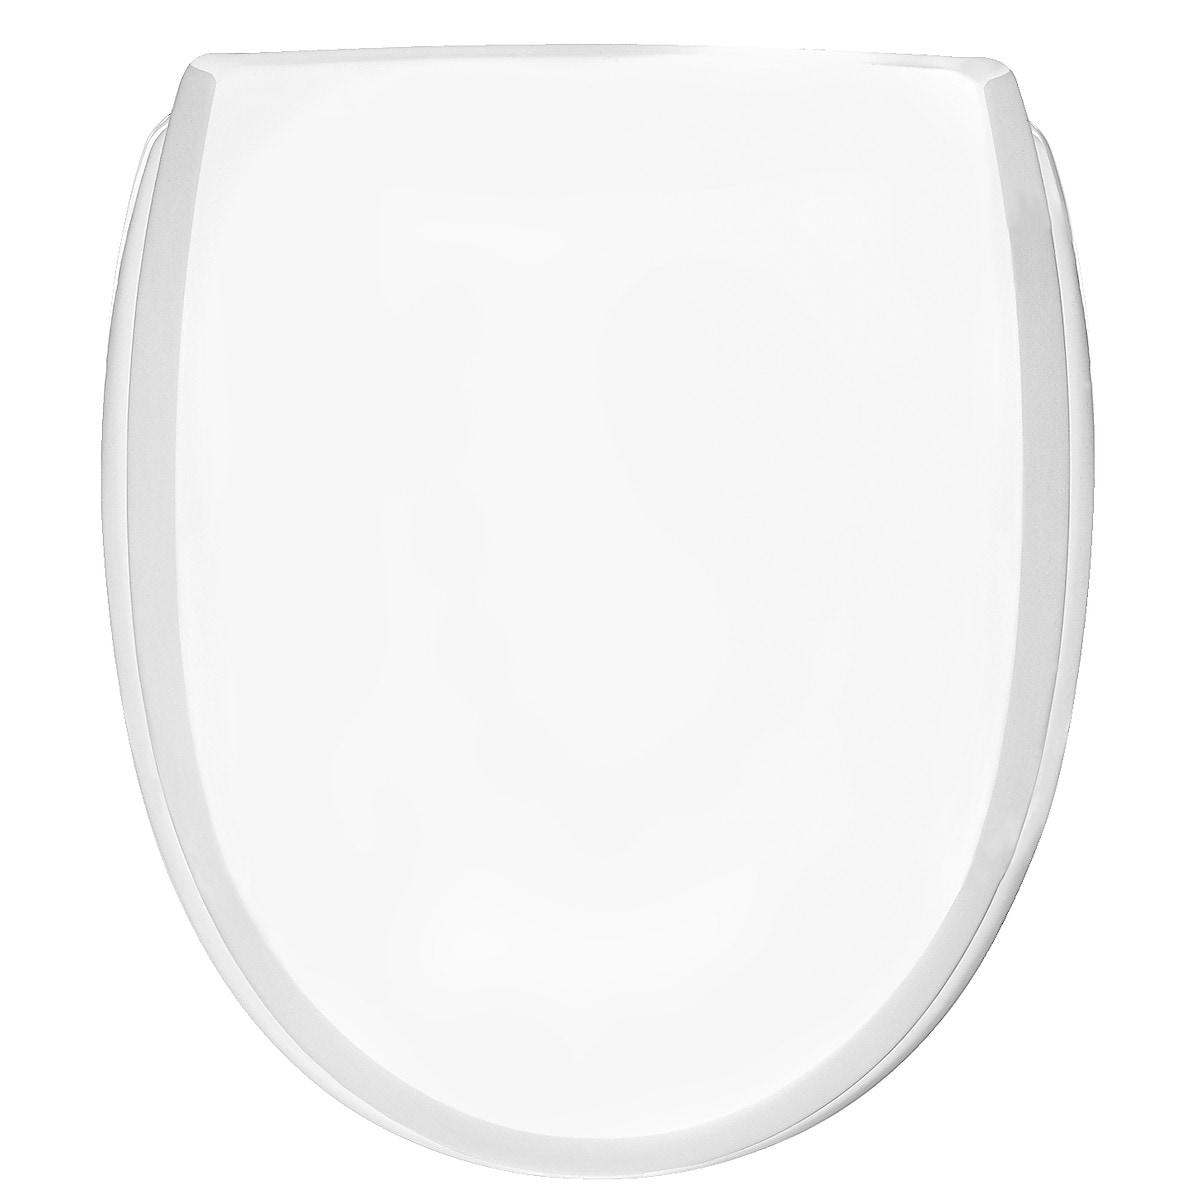 Toalettsits Kan 3001